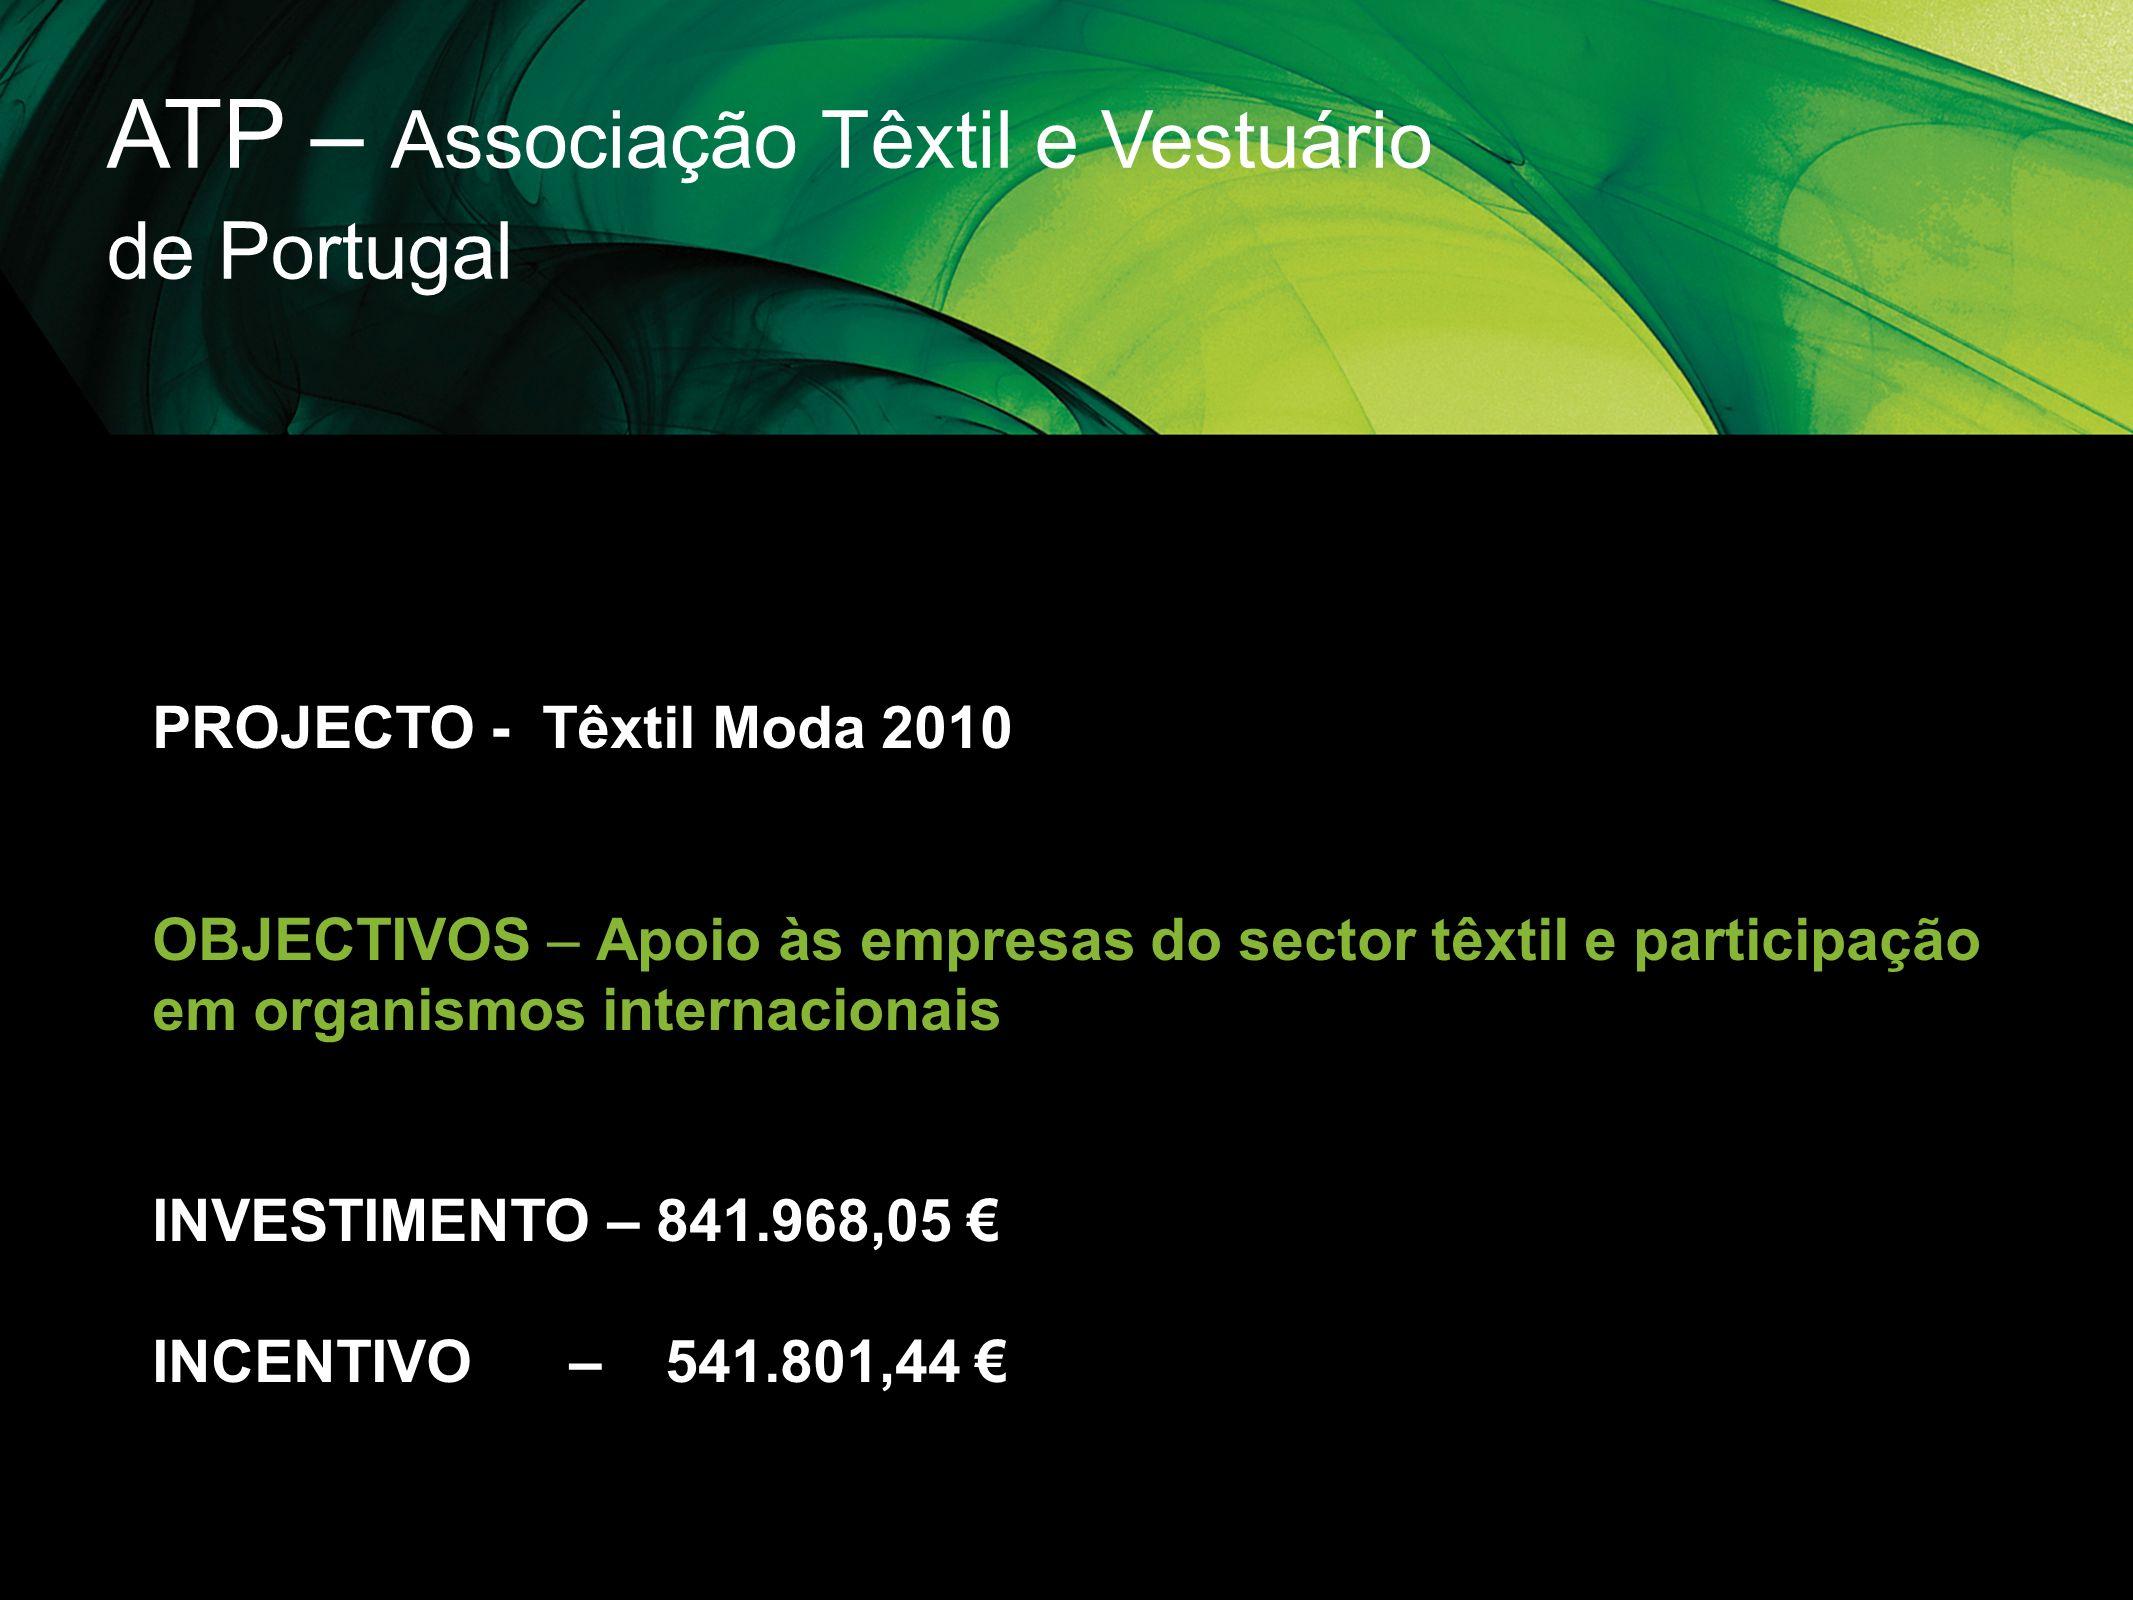 ATP – Associação Têxtil e Vestuário de Portugal PROJECTO - Têxtil Moda 2010 OBJECTIVOS – Apoio às empresas do sector têxtil e participação em organism